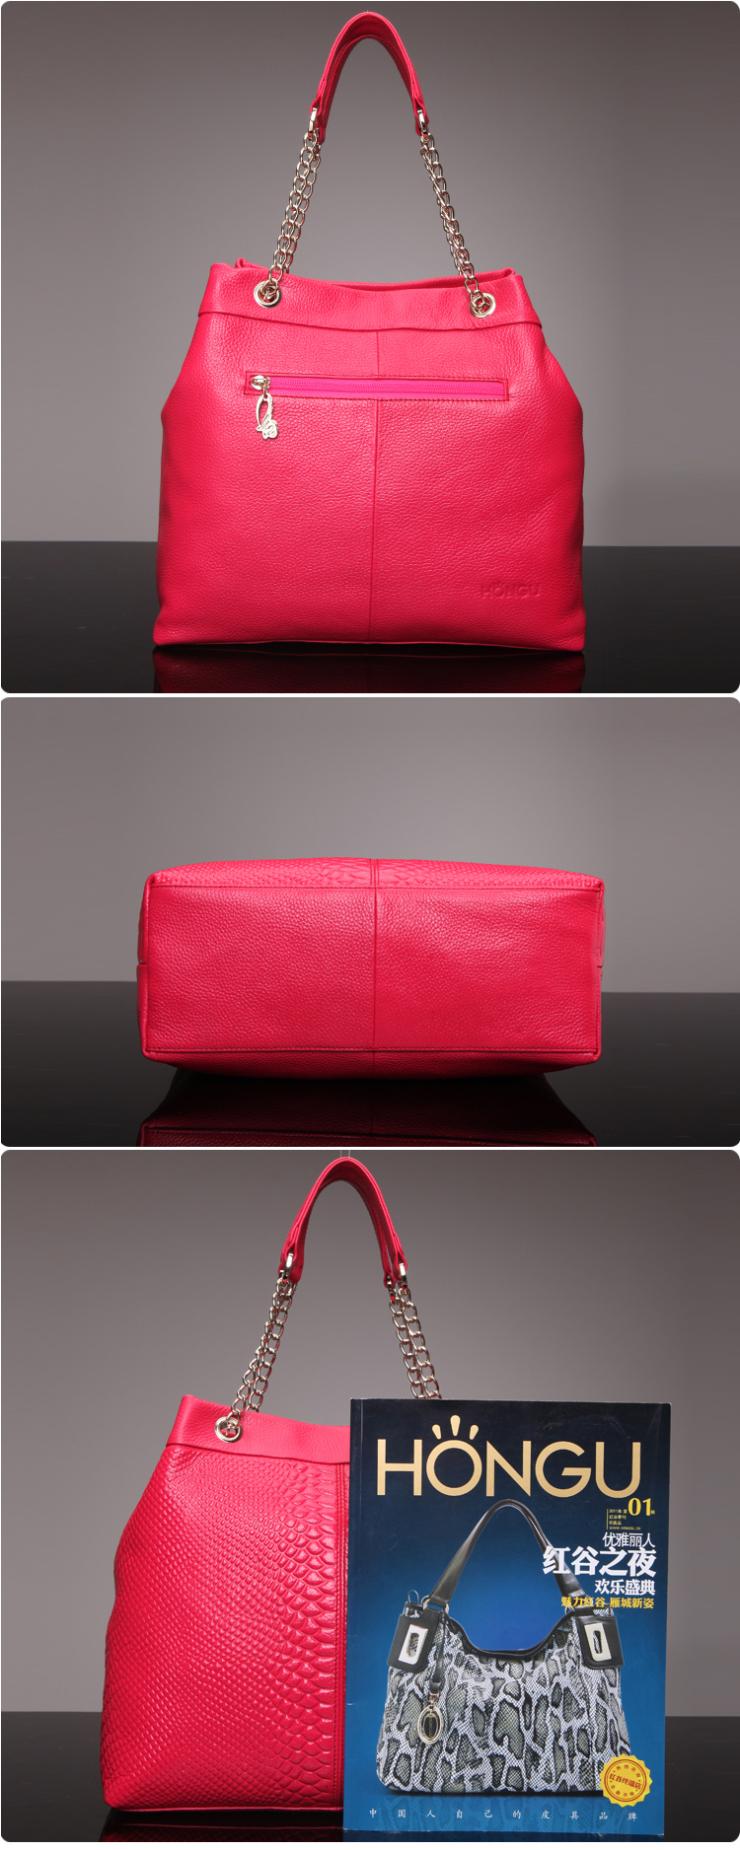 手提包红谷女包2012头层鳄鱼纹牛皮女包新款真皮包包